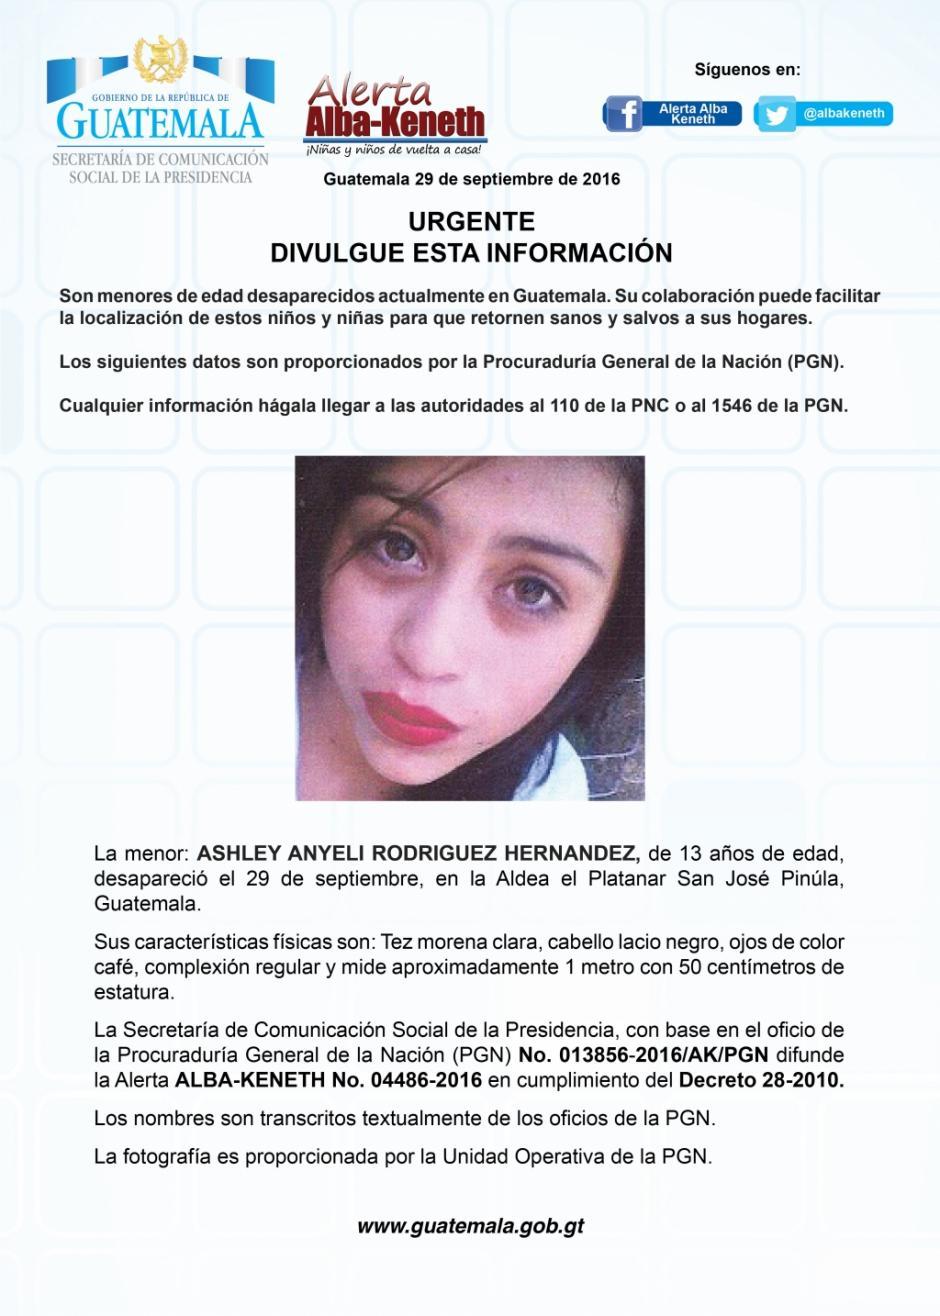 Ashley Anyeli Rodriguez Hernández también se dio a la fuga. (Imagen: Twitter/Alerta Alba Keneth)